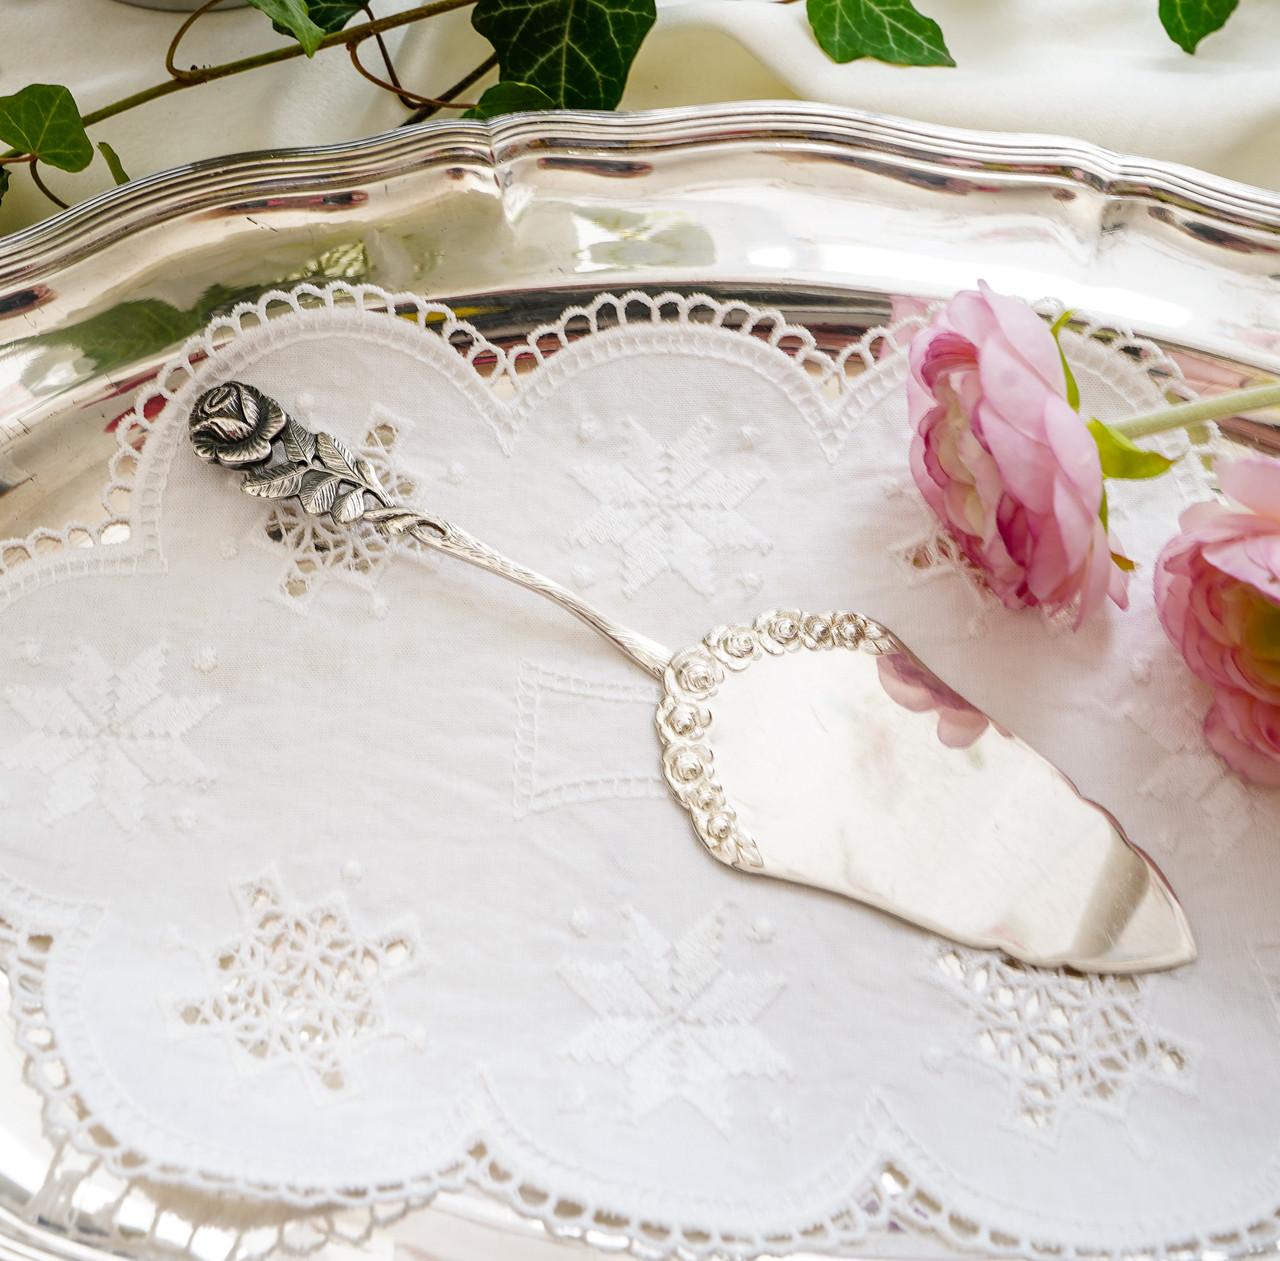 Посріблена німецька лопатка для торта, з трояндою на ручці сріблення, Antiko 100, Німеччина, вінтаж